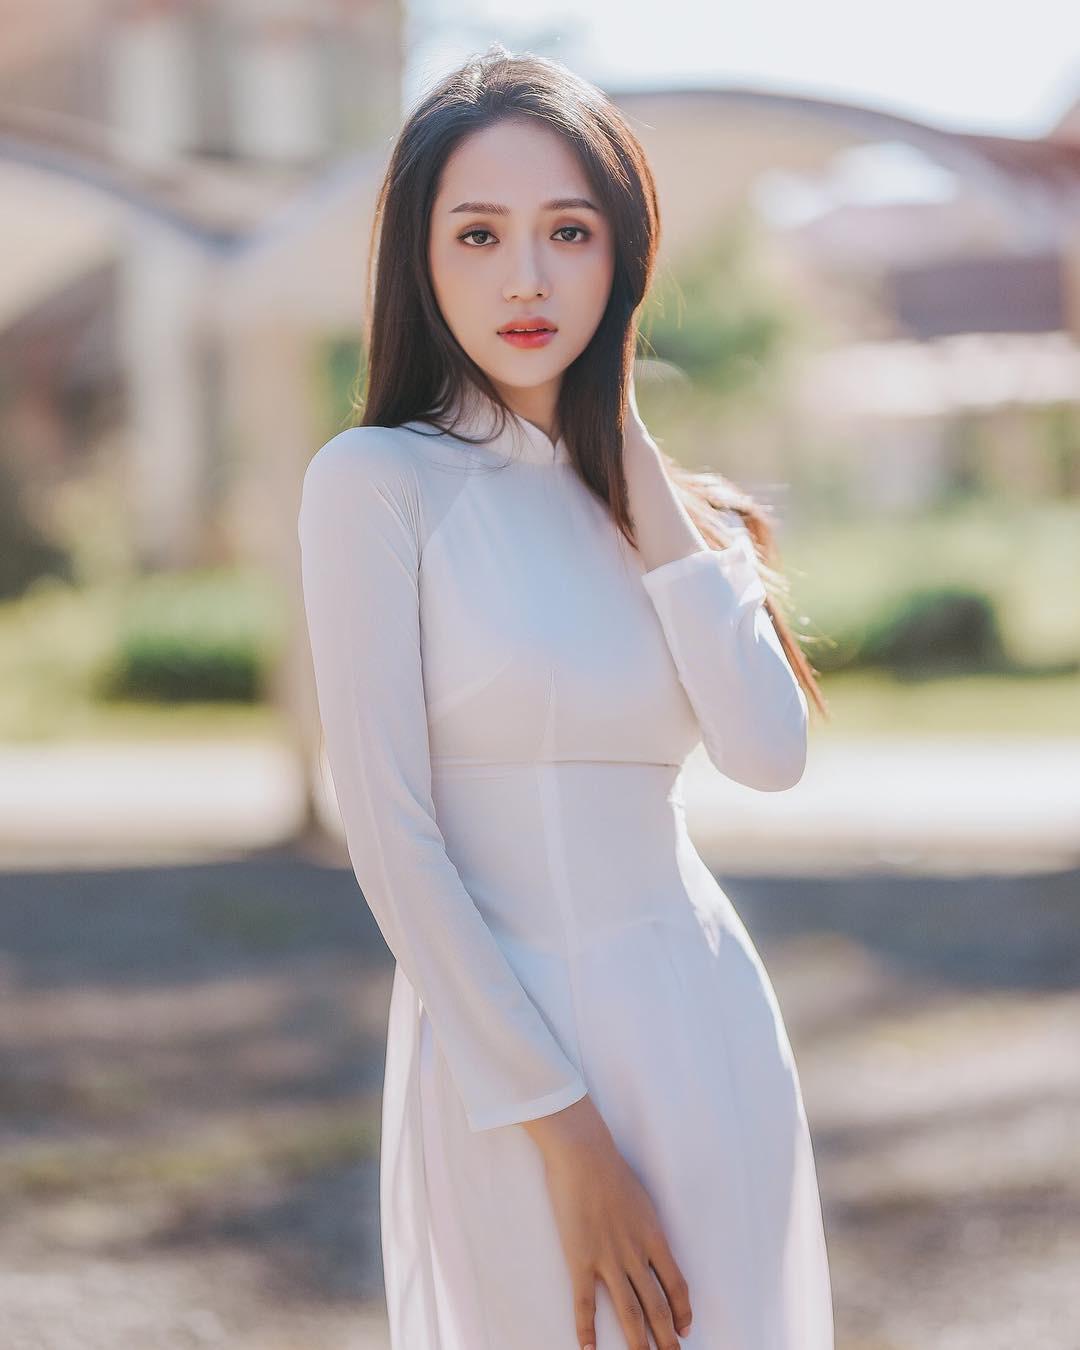 """Hương Giang mặc áo dài trắng tinh đẹp tựa nữ thần ở Pháp, """"thả thính"""" gây """"bão"""" mạng - Ảnh 5."""